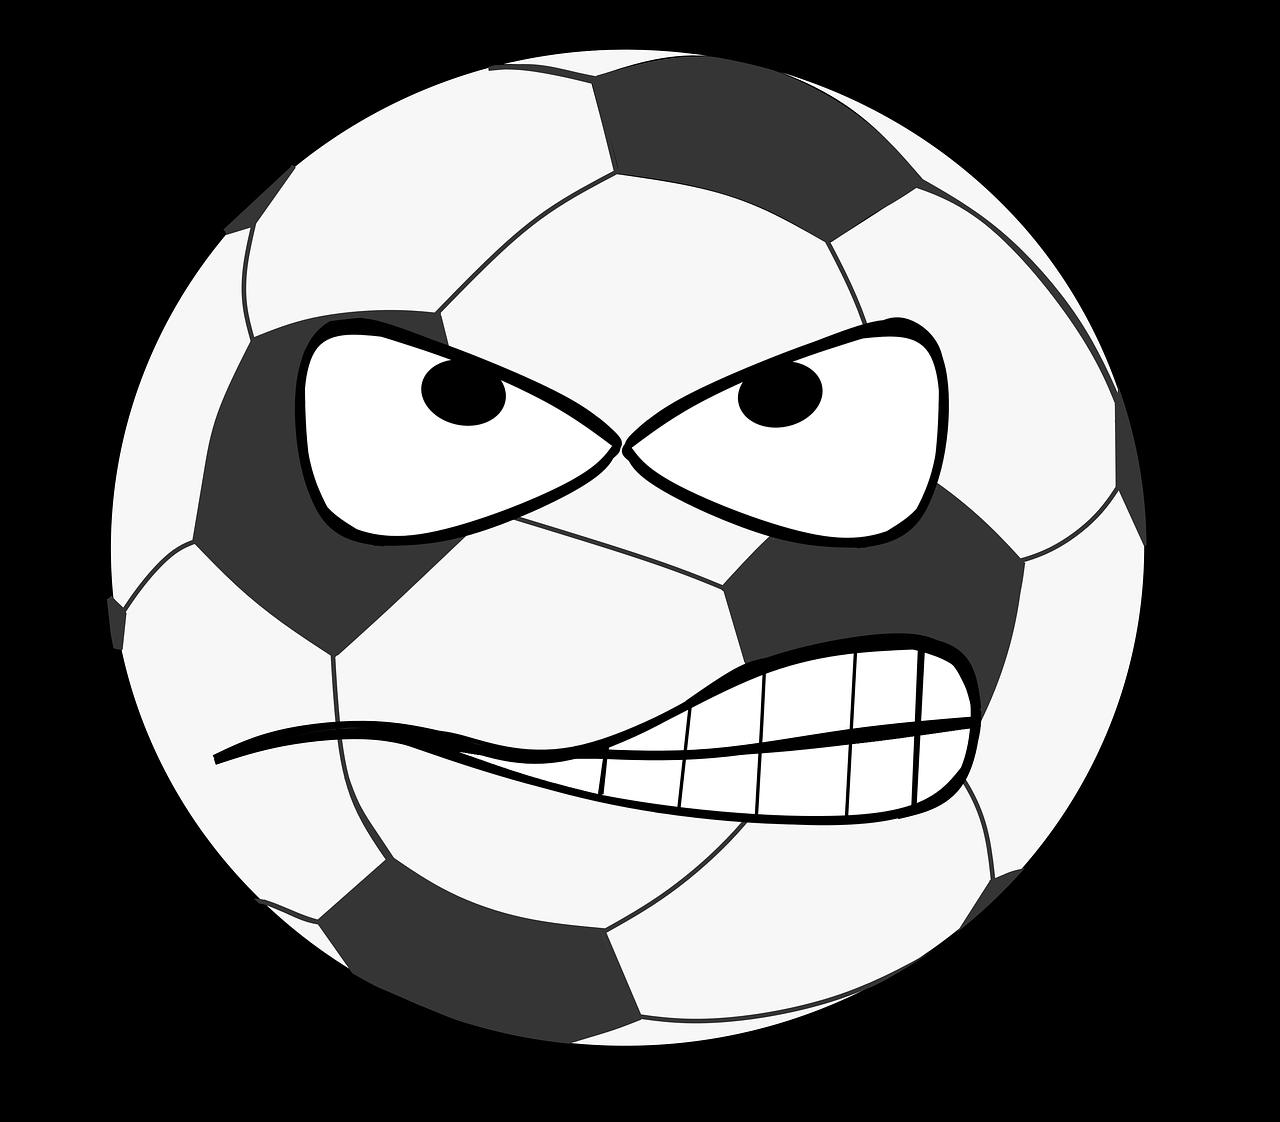 Субботние, смешной футбольный мяч картинки